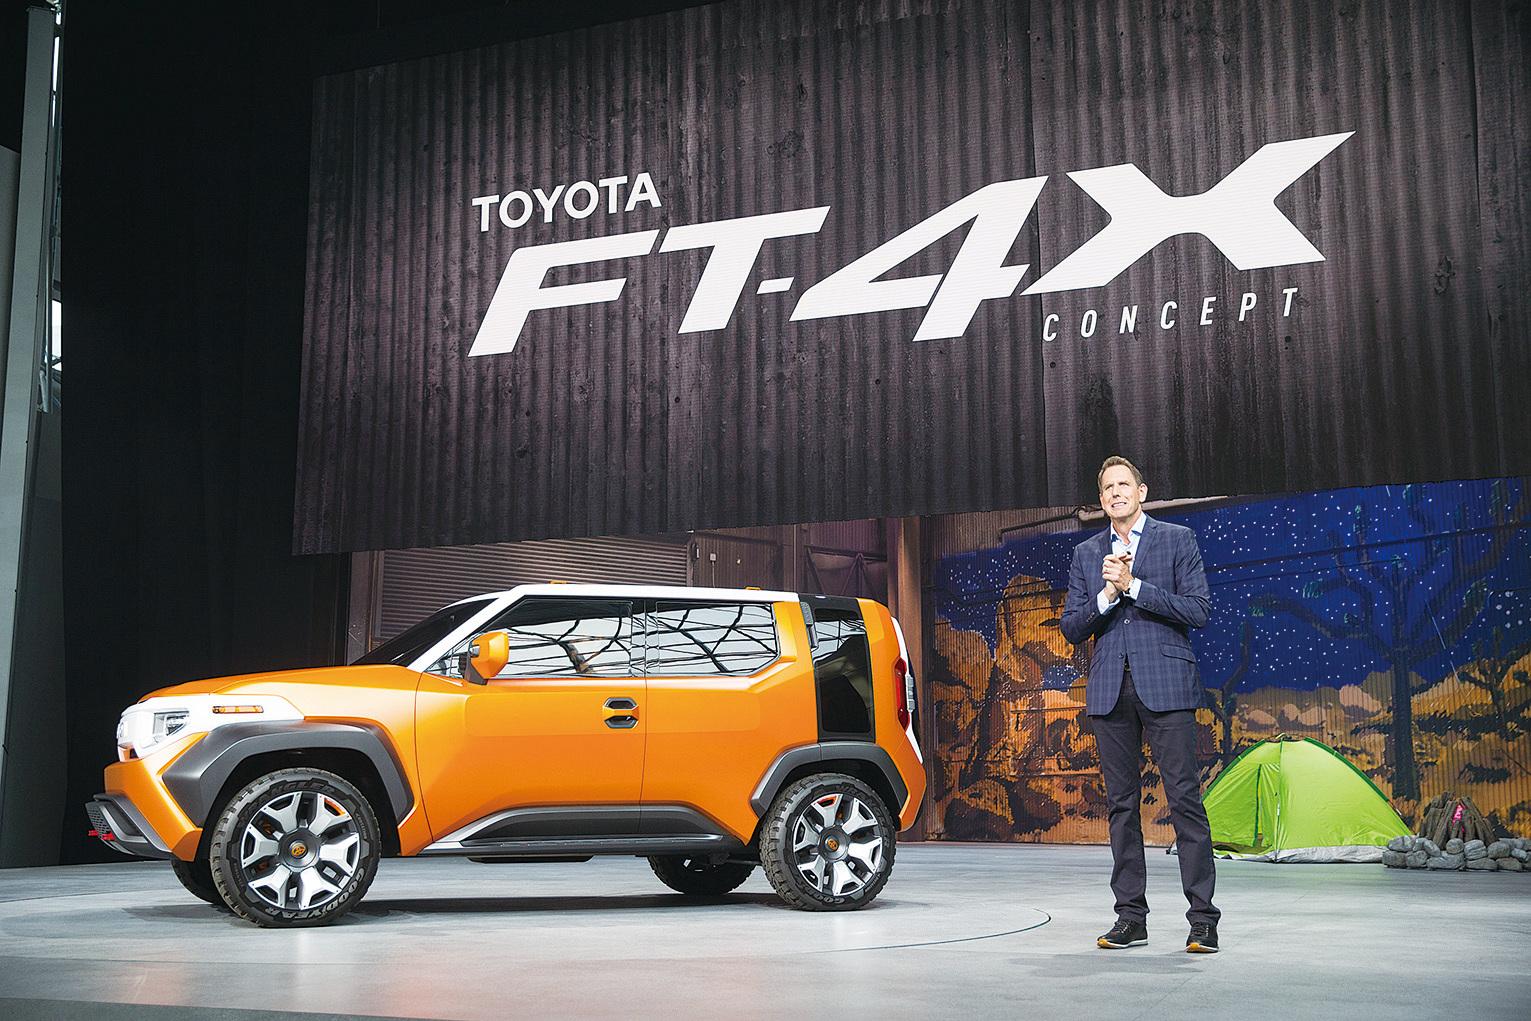 豐田小型SUV概念車FT-4X。 (戴兵/大紀元)